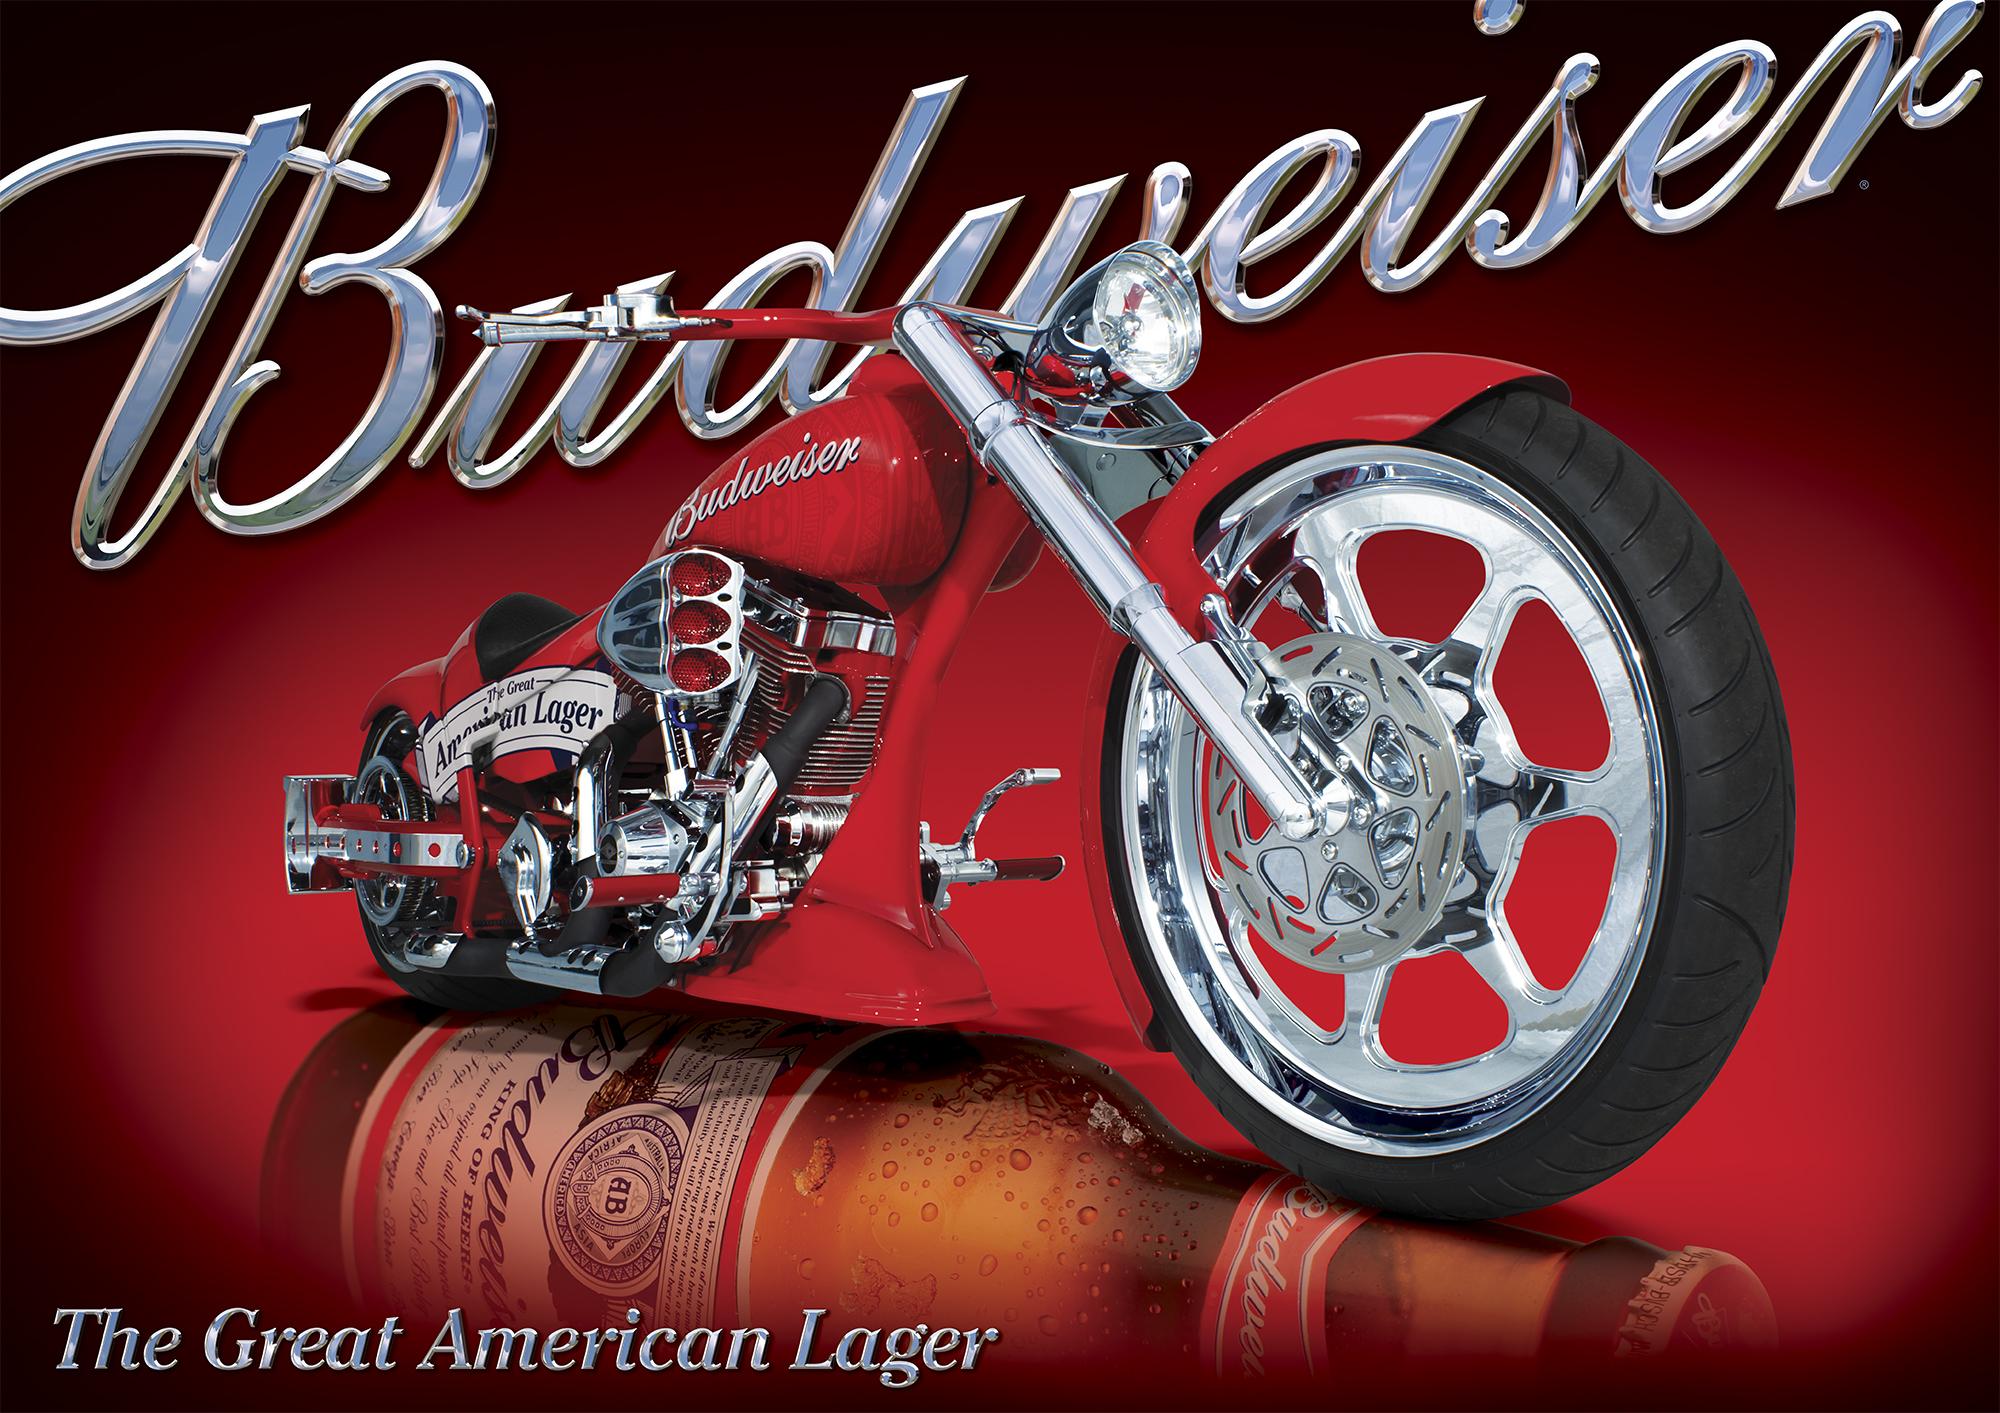 12230 BudMtrPoster_national-btl-flt.jpg